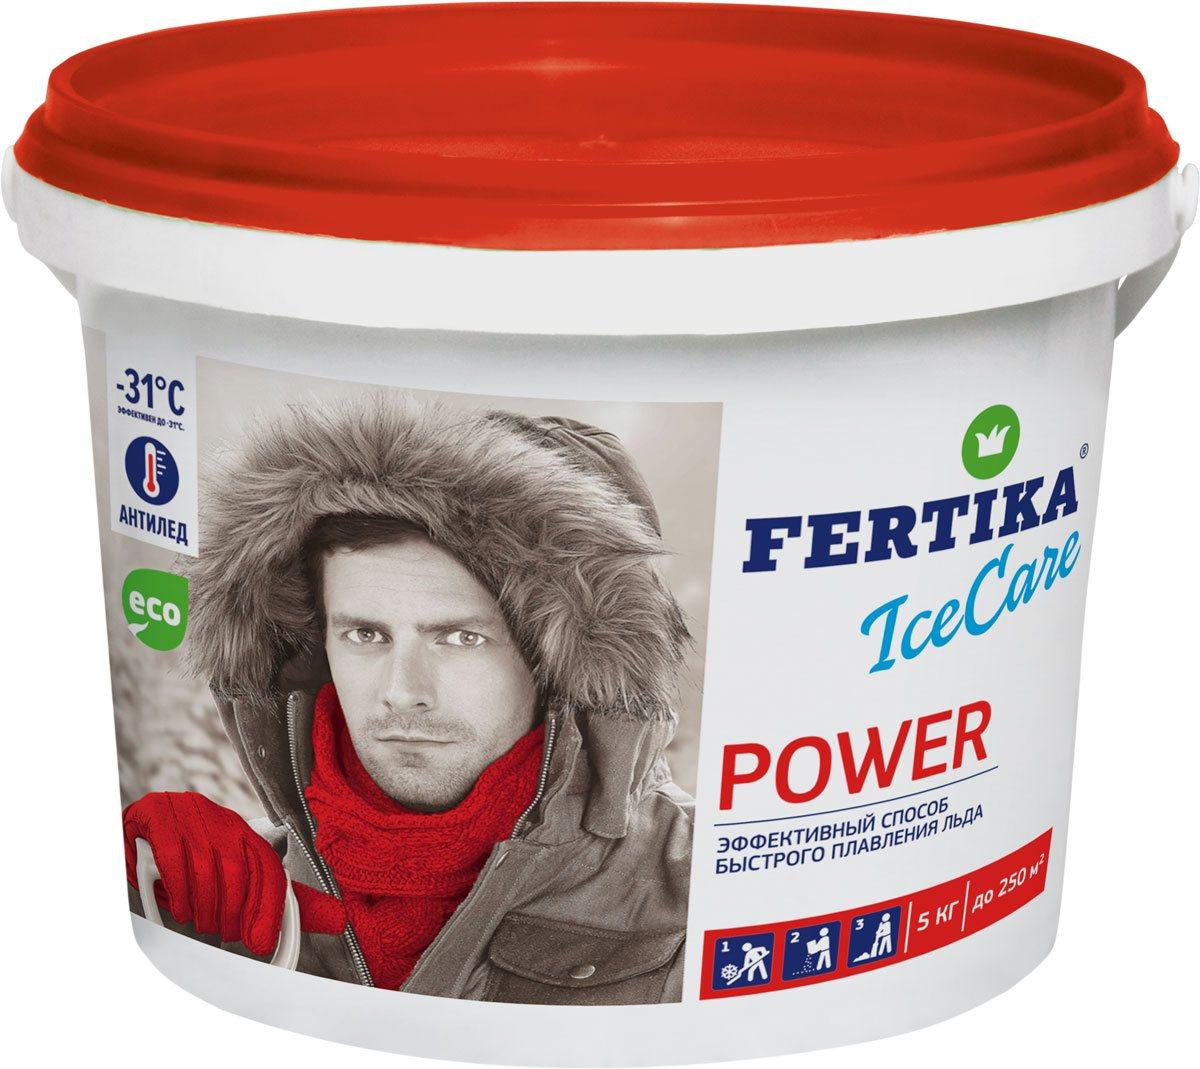 Реагент противогололедный Fertika IceCare Power, 5 кгBi-fertika0063Противогололедный реагент хлористый кальций в гранулах Fertika IceCare Power обладает высокой плавящей способностью и работает в экстремальных температурах до -31°С.Преимущества:Плавит лед в 2-5 раз быстрее, чем другие противоледные реагенты.Работает в экстремальных температурных диапазонах.Экологически чист и безопасен при соблюдении норм внесения.Способ применения:1. Предварительно очистить поверхность от рыхлого снега.2. Равномерно рассыпать материал на обрабатываемую поверхность, средний расход материала составляет до 70 гр/м2 при толщине льда до 5 мм и температуре до -10 °С. Рекомендуемый расход материала в зависимости от погодных условий приведен в таблице.3. Убрать разрушенный лед и снег лопатой, либо щеткой по окончанию процесса плавления льда во избежание повторного образования льда.MEРЫ ПРЕДОСТОРОЖНОСТИ:Не применять в пищу.Оказывает умеренно раздражающее действие на кожу и слизистые оболочки.При попадании в глаза промыть водой.При работе с материалом рекомендуется использовать перчатки.Не рекомендуется применять для цементнобетонных покрытий в течении года после укладки цементнобетонной смеси.СОСТАВ ПРОТИВОГОЛОЛЕДНОГО РЕАГЕНТА:гранулированный высокочистый хлорид кальция (CAS 10043-52-4) с добавлением антикоррозийных ингибиторов. Материал пожаро- и взрывобезопасен, не содержит тяжелых металлов и других вредных для людей и животных примесей.ХРАНЕНИЕ:Хранить в в недоступных для детей и домашних животных местах, в неповрежденной упаковке, в крытых помещениях, исключающих попадание влаги и прямых солнечных лучей. Материал гигроскопичен, для сохранения потребительских свойств необходимо плотно закрывать упаковку после каждого применения.